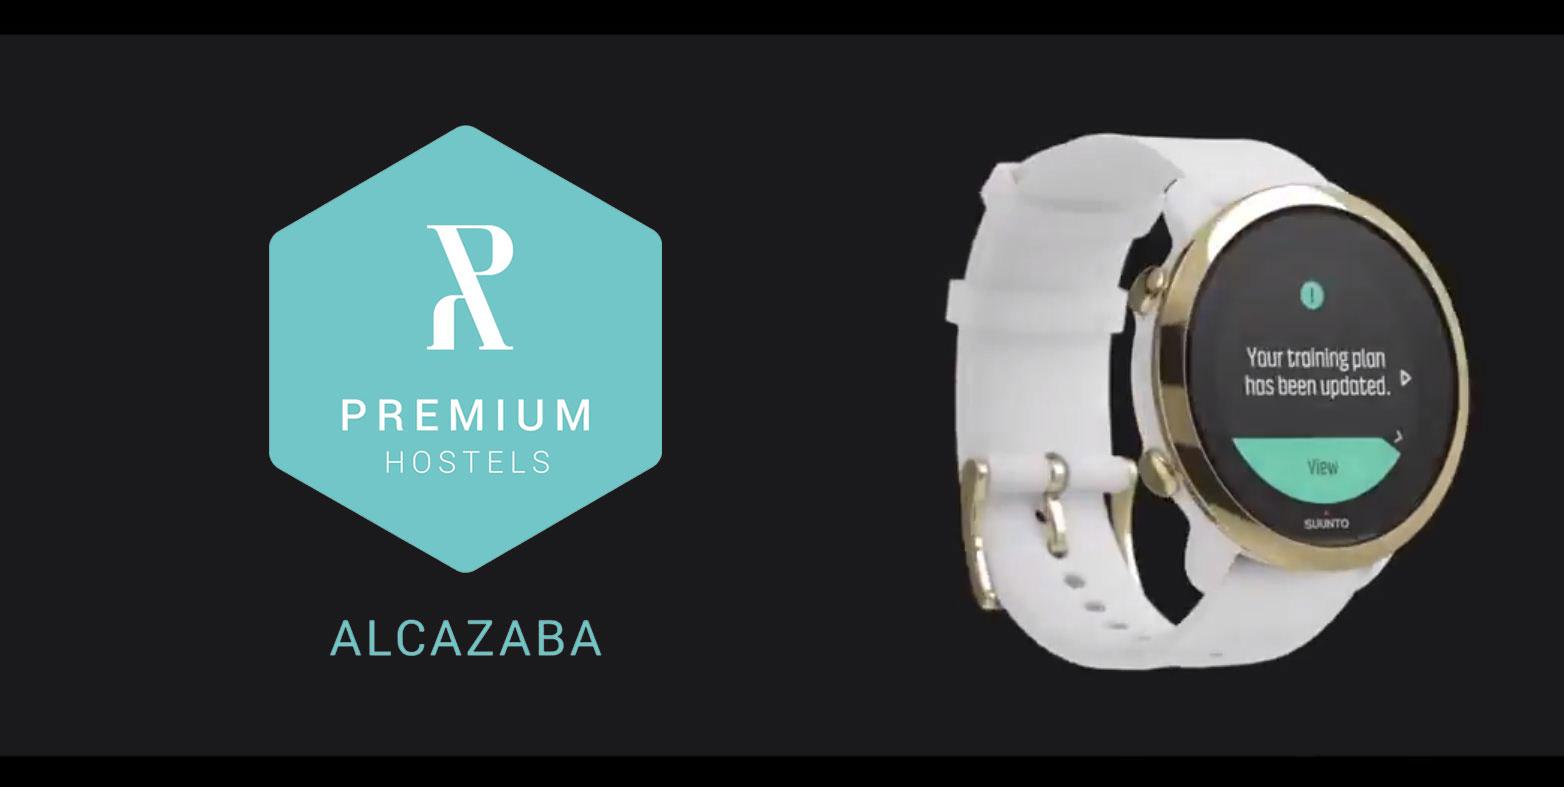 La marca de relojes deportivos Suunto elige nuestro hostel boutique como localización para su anuncio